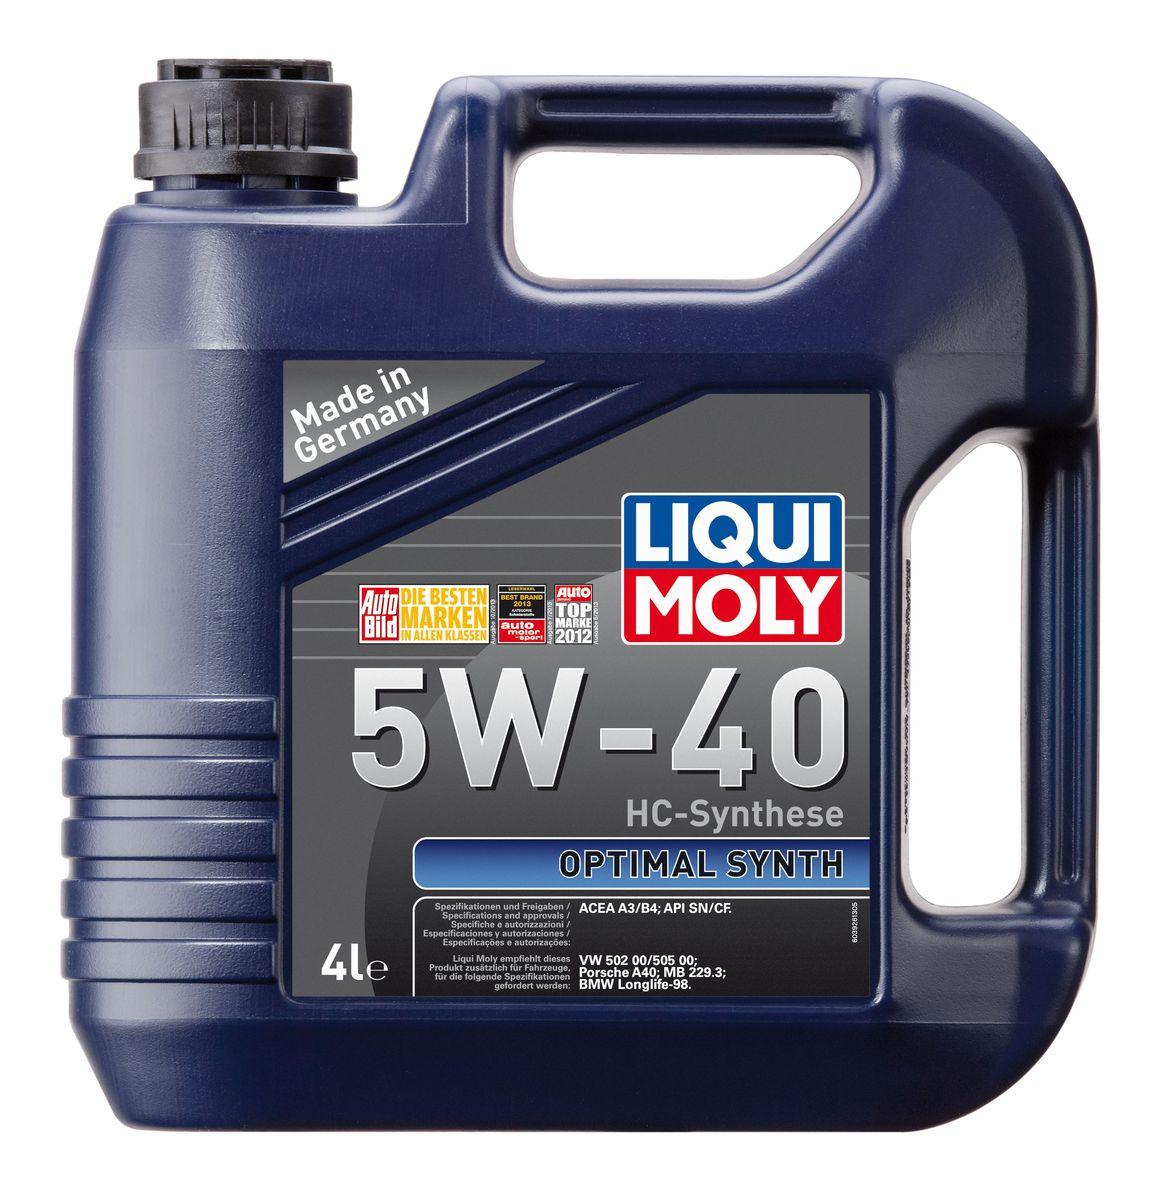 Масло моторное Liqui Moly Optimal Synth, НС-синтетическое, 5W-40, 4 лS03301004Масло моторное Liqui Moly Optimal Synth - это HC-синтетическое моторное масло с адаптированным для российских условий пакетом присадок. Благодаря новейшим технологиям синтеза и вязкости 5W-40 масло обеспечивает высокий уровень защиты и оптимальное смазывание деталей двигателя. Масло удовлетворяет современным международным стандартам API/ACEA. Масло создано на основе базовых компонентов, произведенных по технологии HC-синтеза, с учетом самых высоких требований, предъявляемых современными и мощными бензиновыми и дизельными двигателями. Оно обеспечивает отличную смазку при любых условиях эксплуатации. Одновременно снижается до минимума трение, в результате чего уменьшается расход топлива. Особенности: - Быстрое поступление масла к деталям двигателя при низких температурах- Надежная защита от износа- Низкий расход масла- Оптимальная чистота двигателя- Экономия топлива и снижение вредных выбросов- Проверено на турбированных двигателях и катализаторе